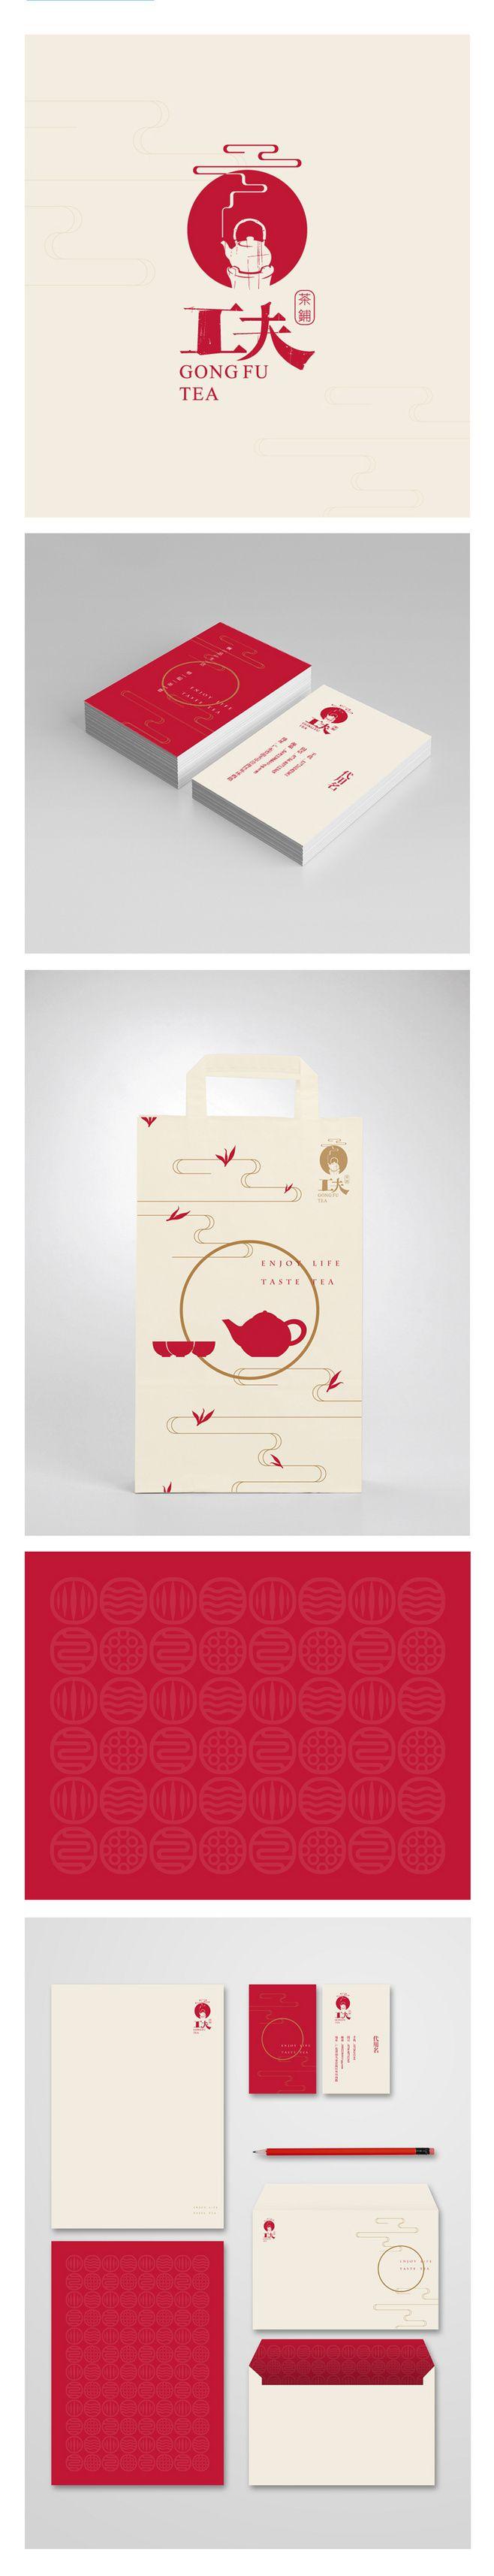 查看《功夫茶铺企业形象》原图,原图尺寸:...@灵动智点品牌策划采集到企业标志VI设计(132图)_花瓣平面设计